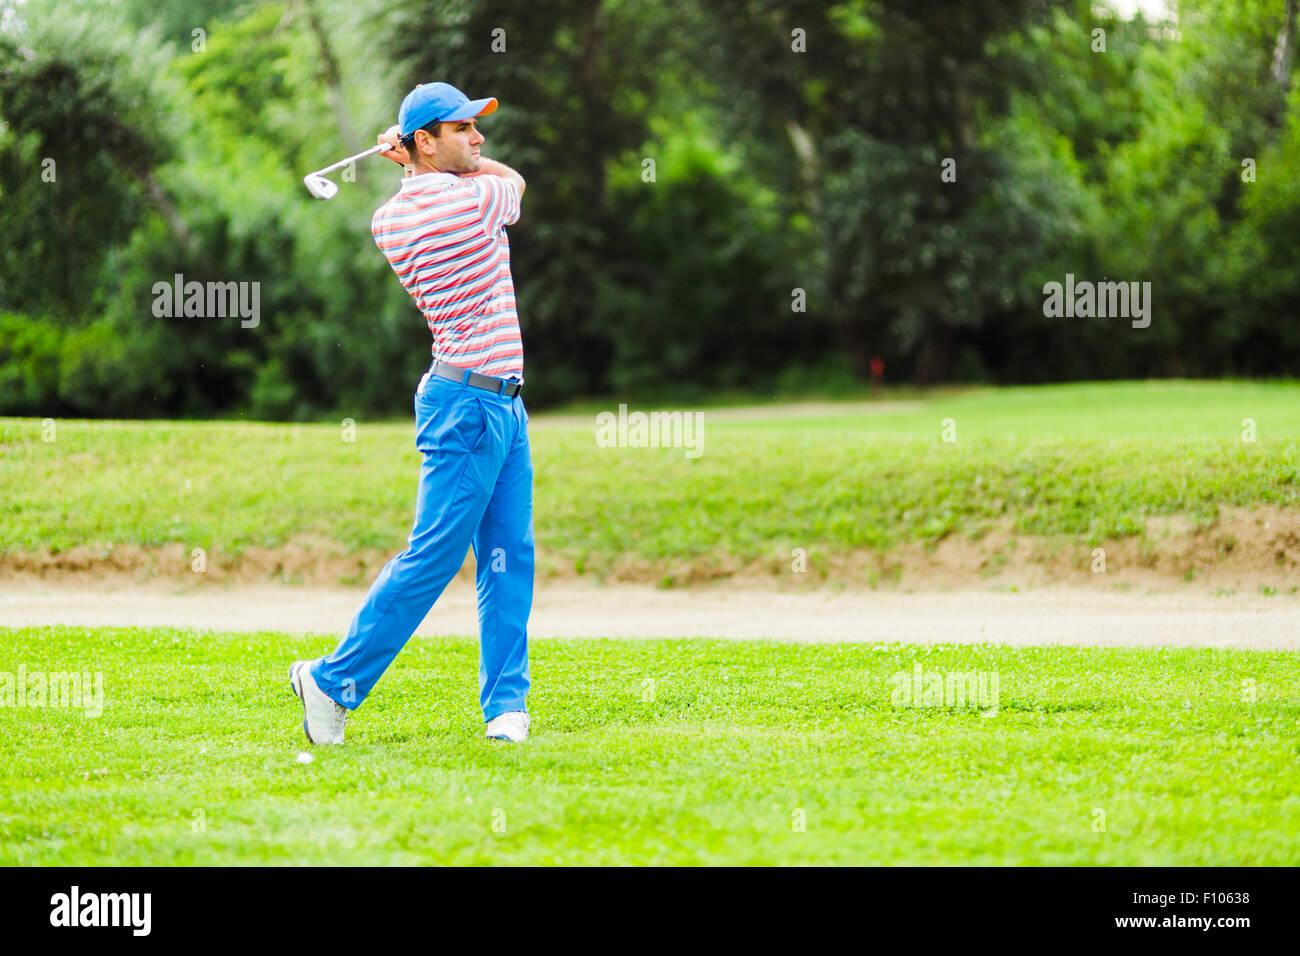 La pratique de la concentration et golfeur avant et après coup par une belle journée ensoleillée Photo Stock